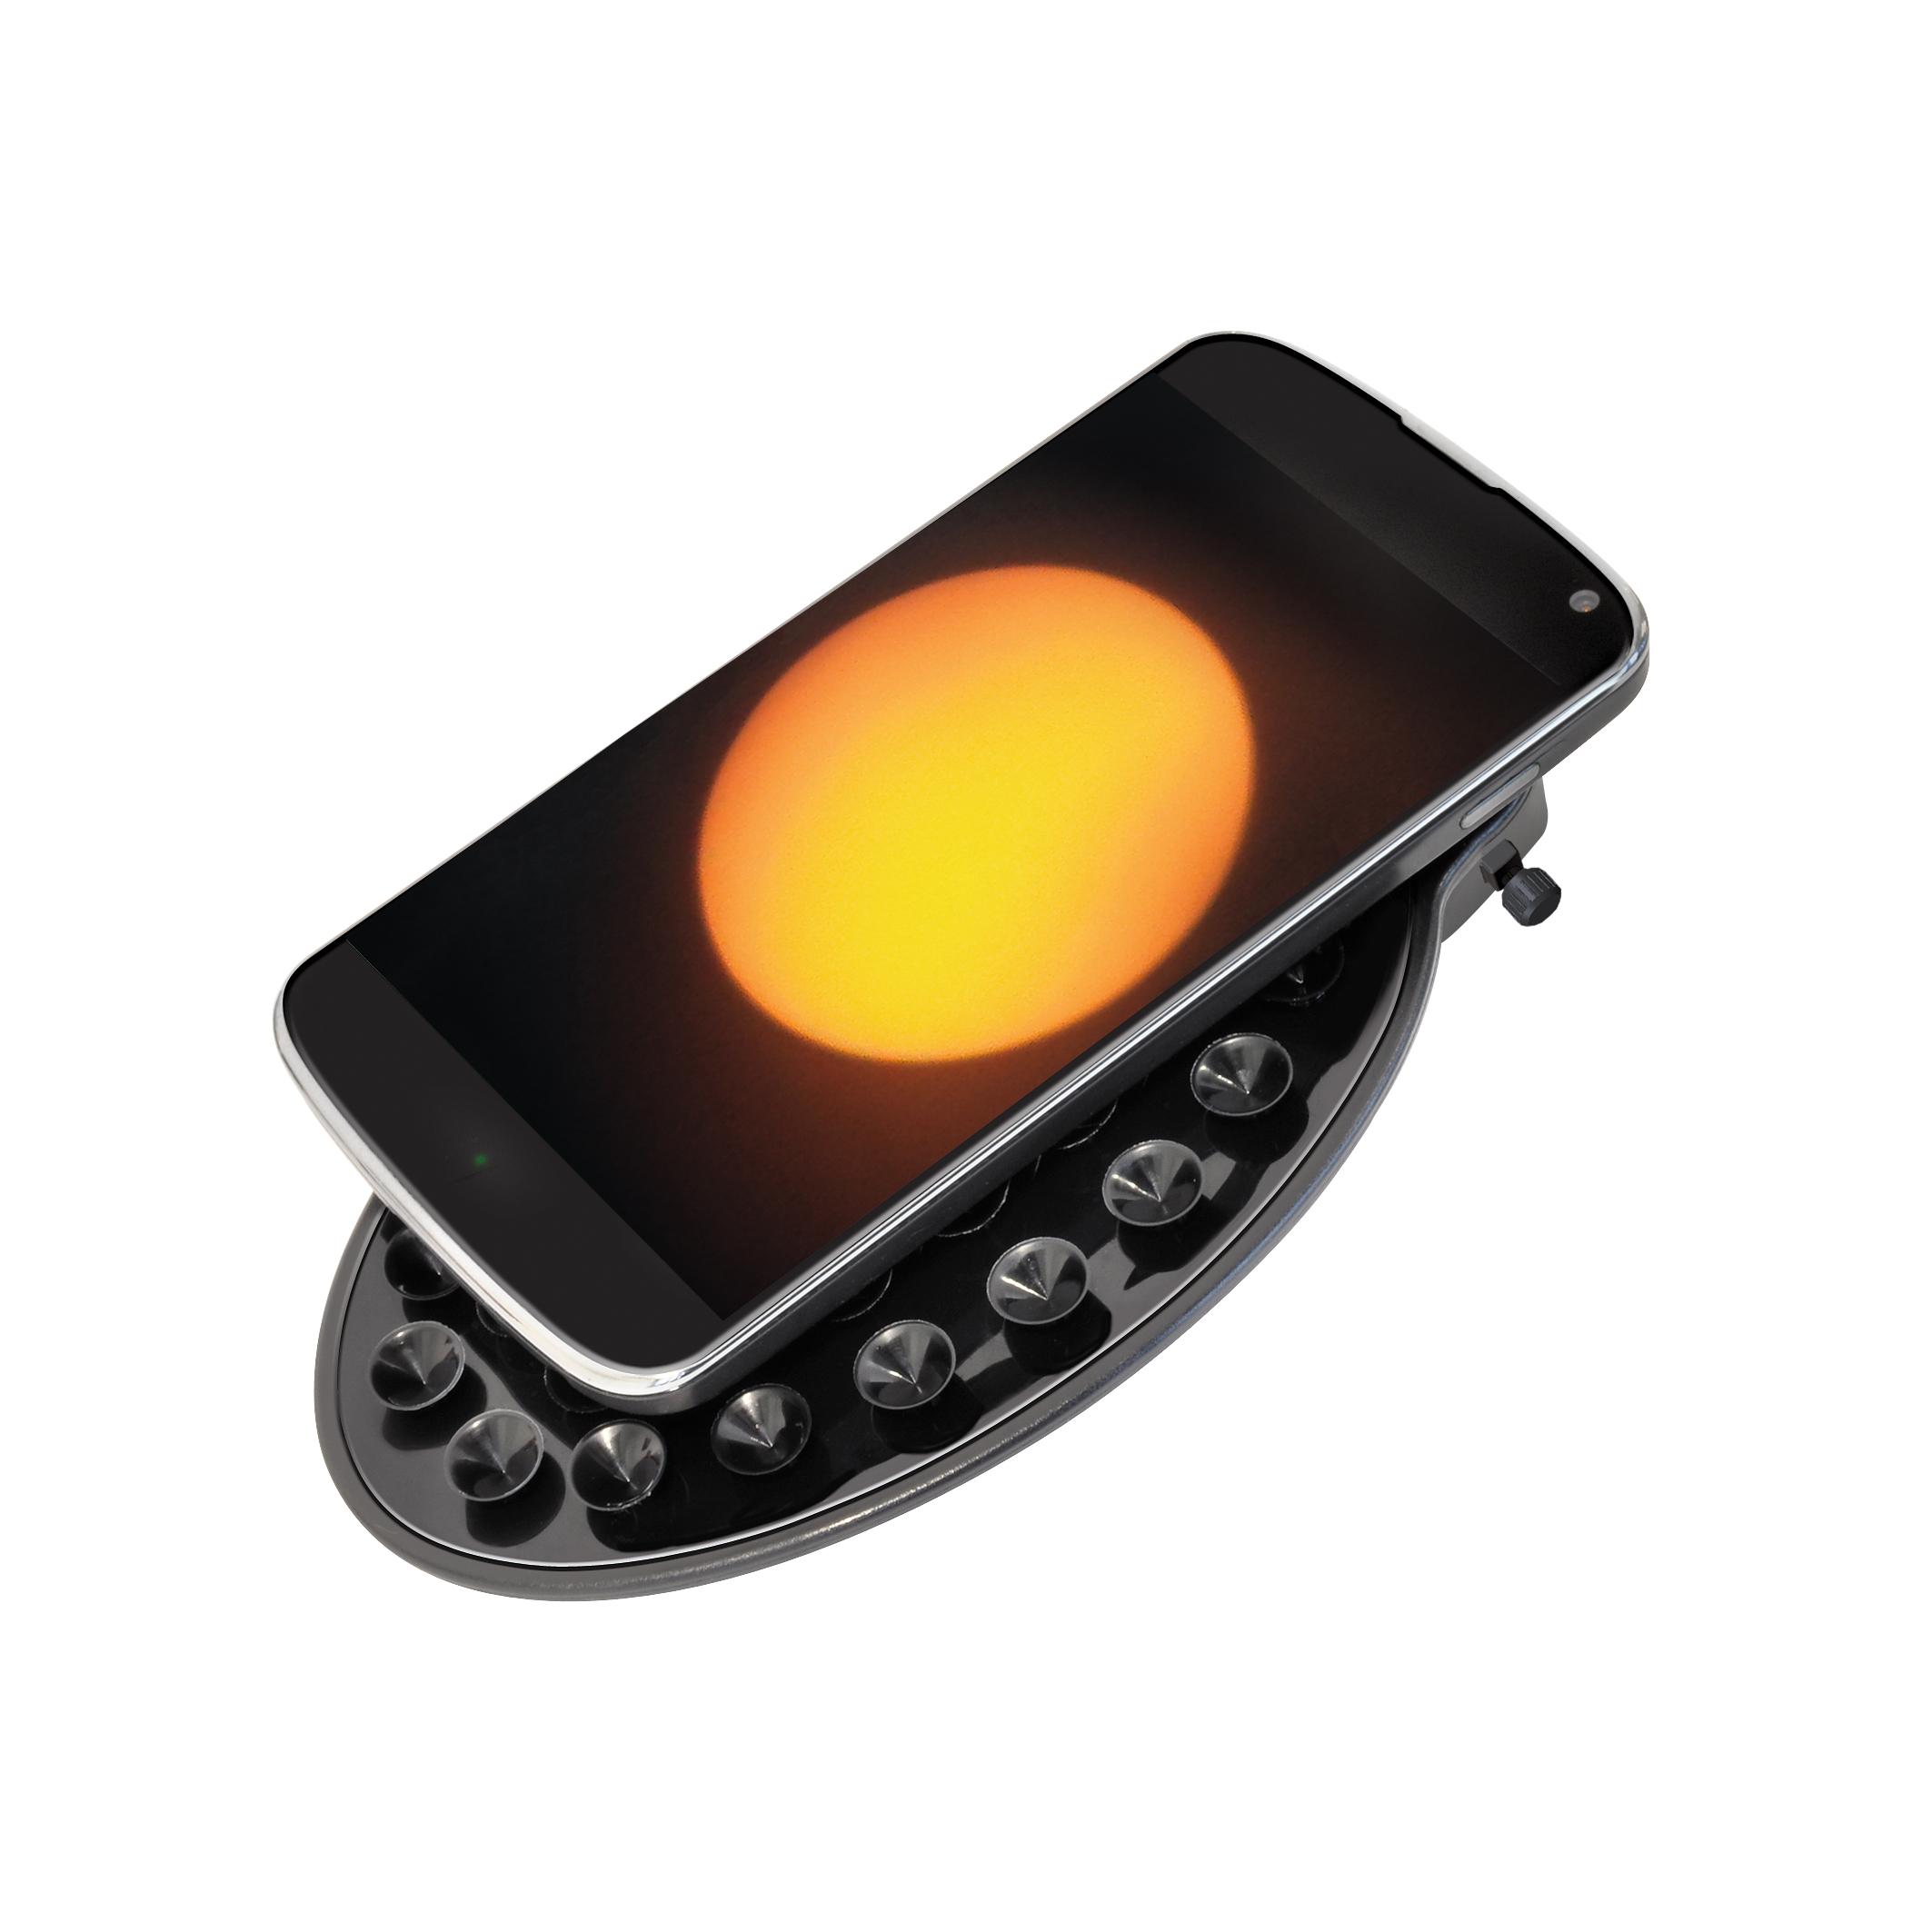 Bresser Arcturus 60//700 AZ Lunette astronomique Carbon design avec Adaptateur pour Smartphone